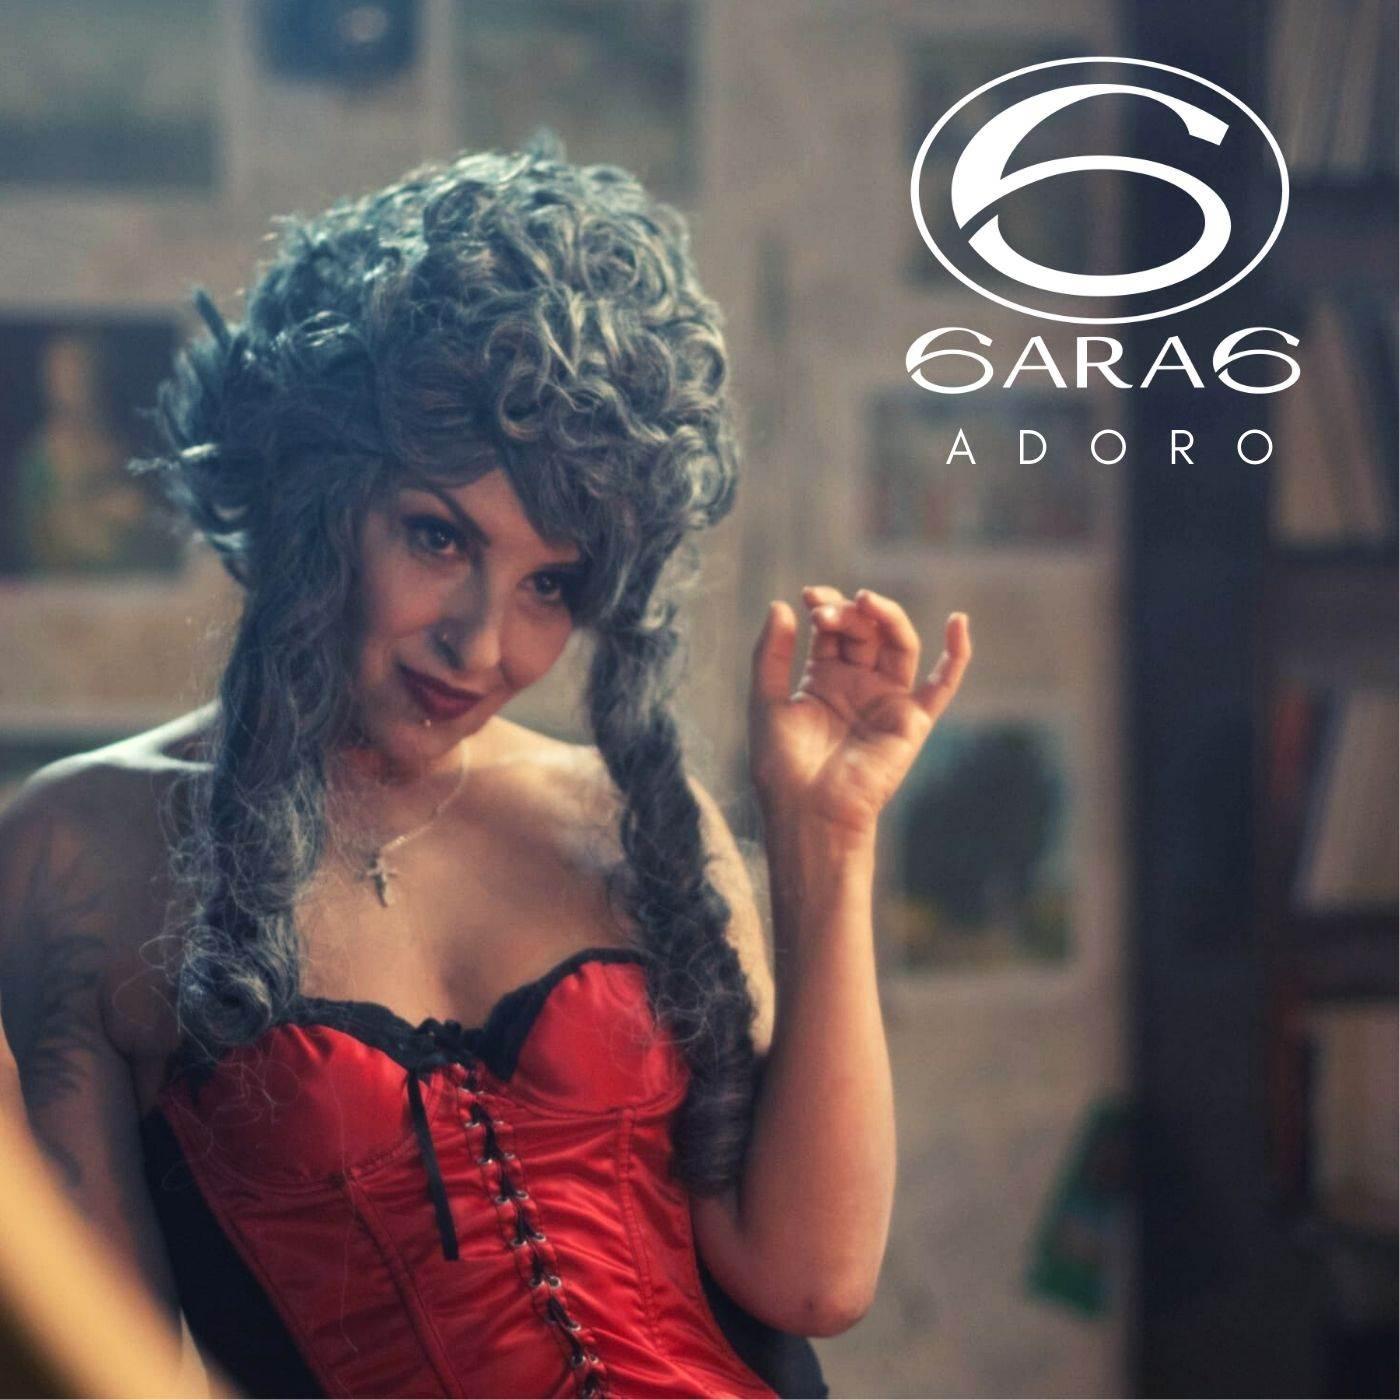 Sara6